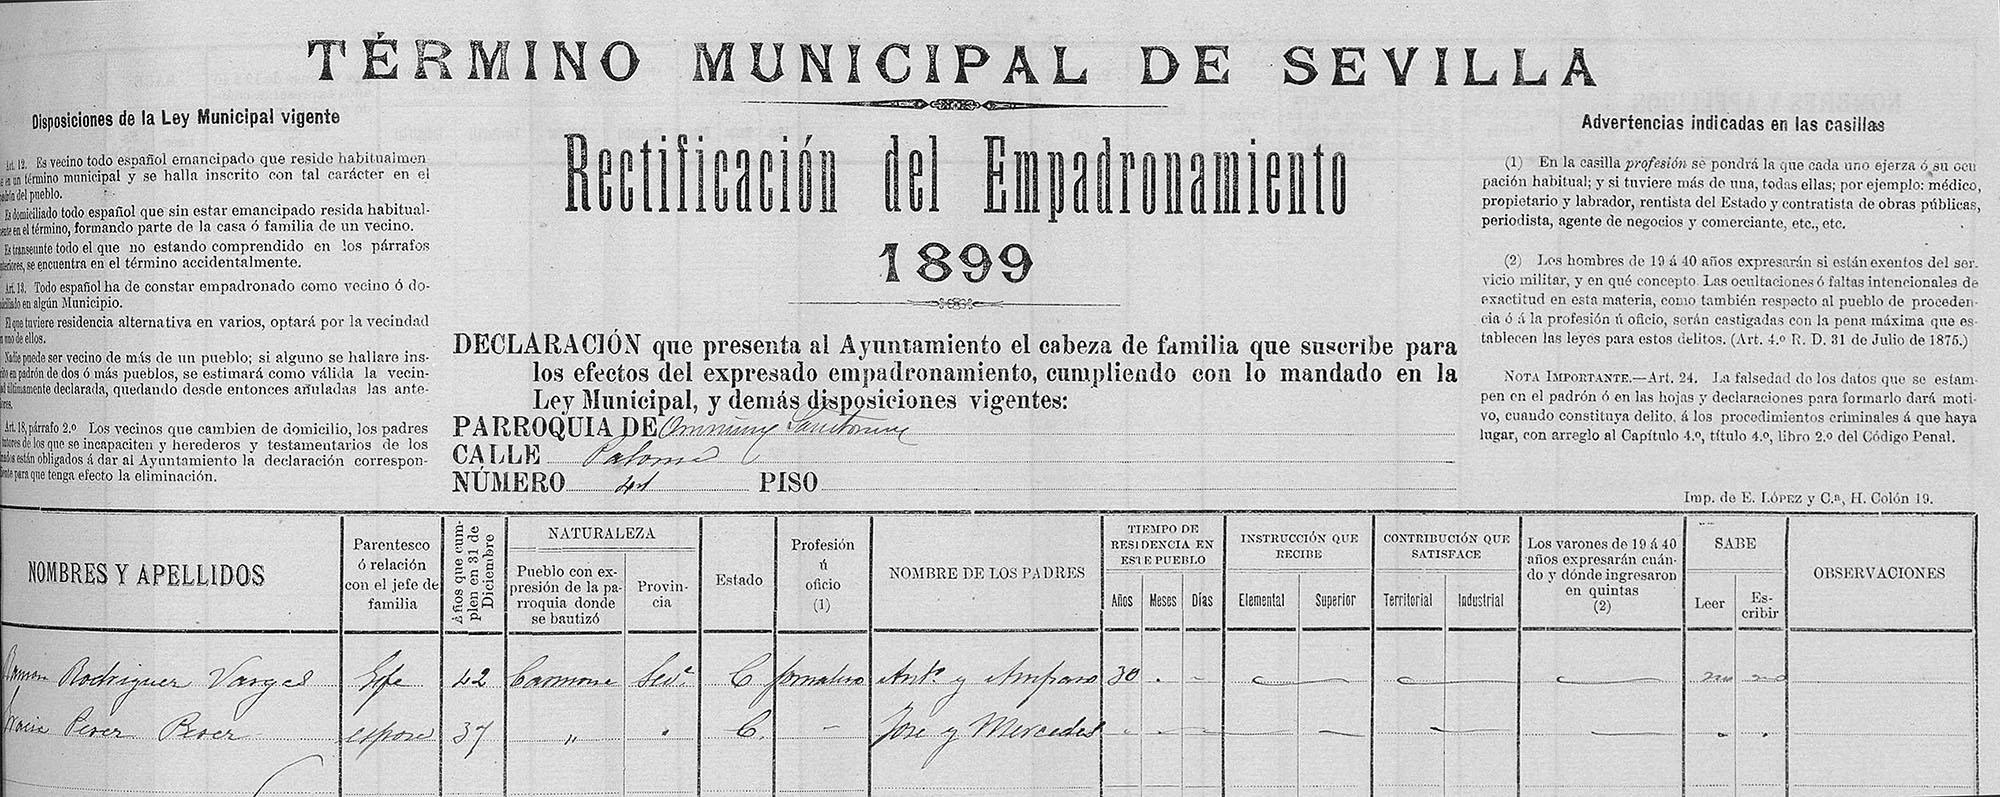 Certificado de empadronamiento de Ramón Rodríguez Vargas - Ramón el Ollero, Sevilla 1899. Archivo Manuel Bohórquez.